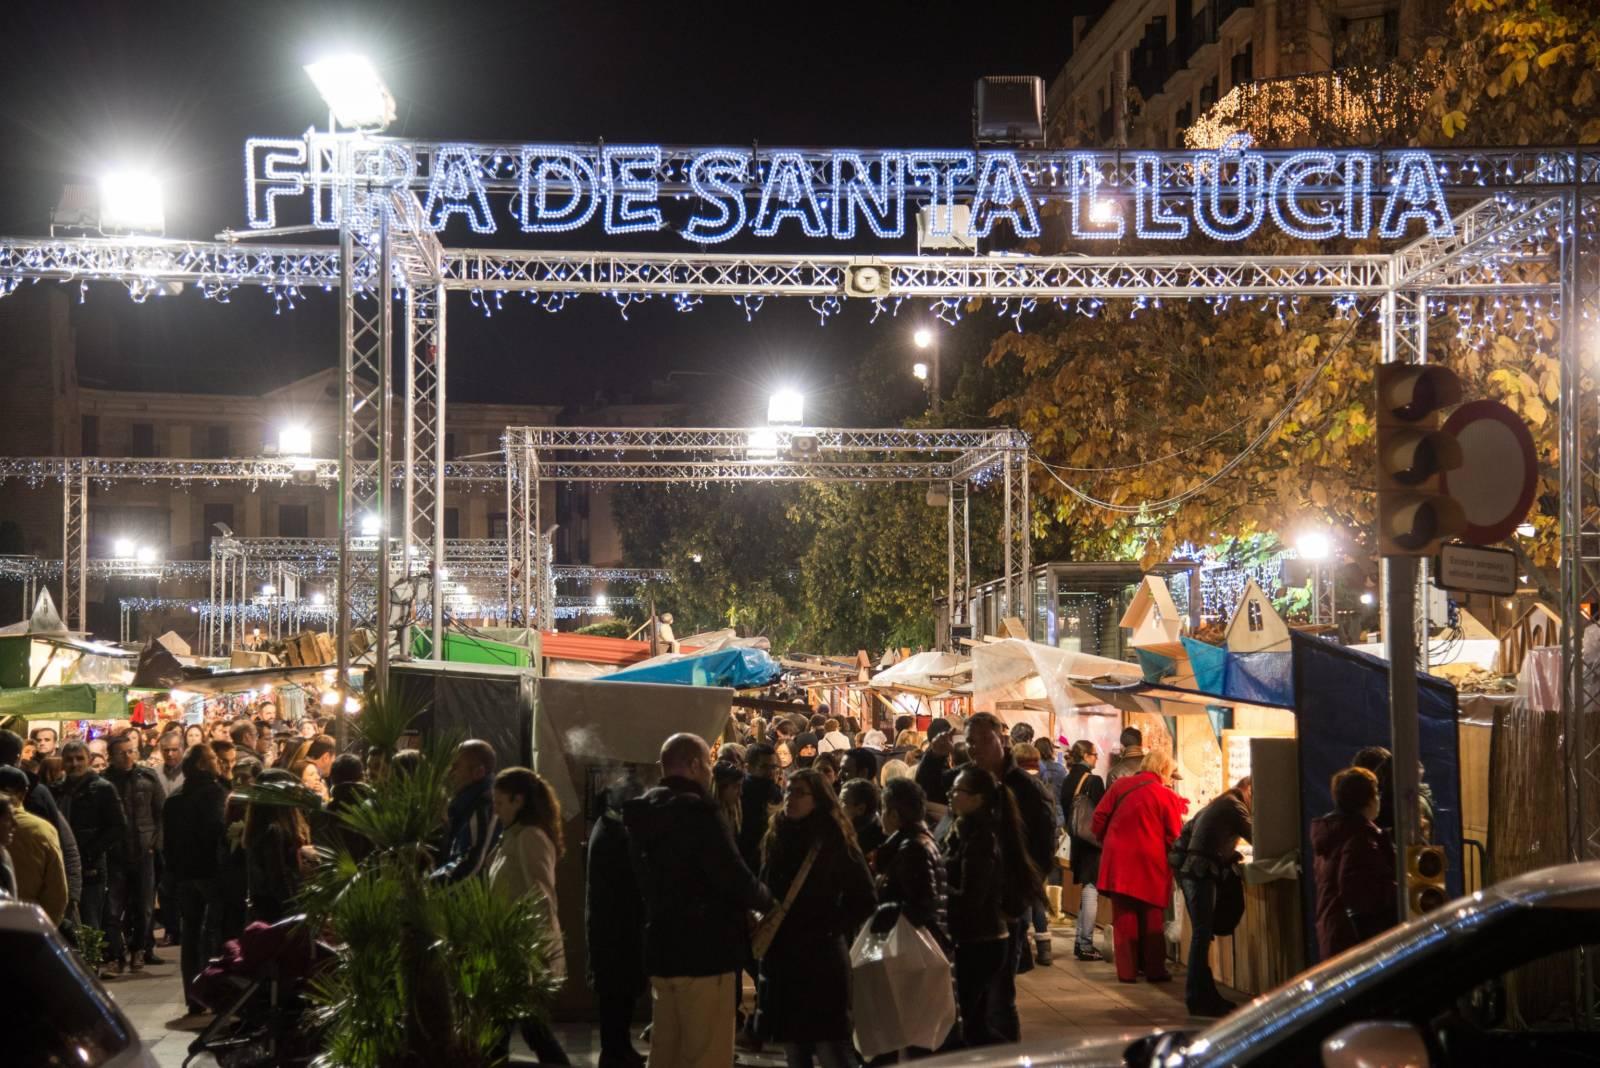 Fira de Santa Llucia - Barcelonas größter Weihnachtsmarkt © Fira de Santa Llucia